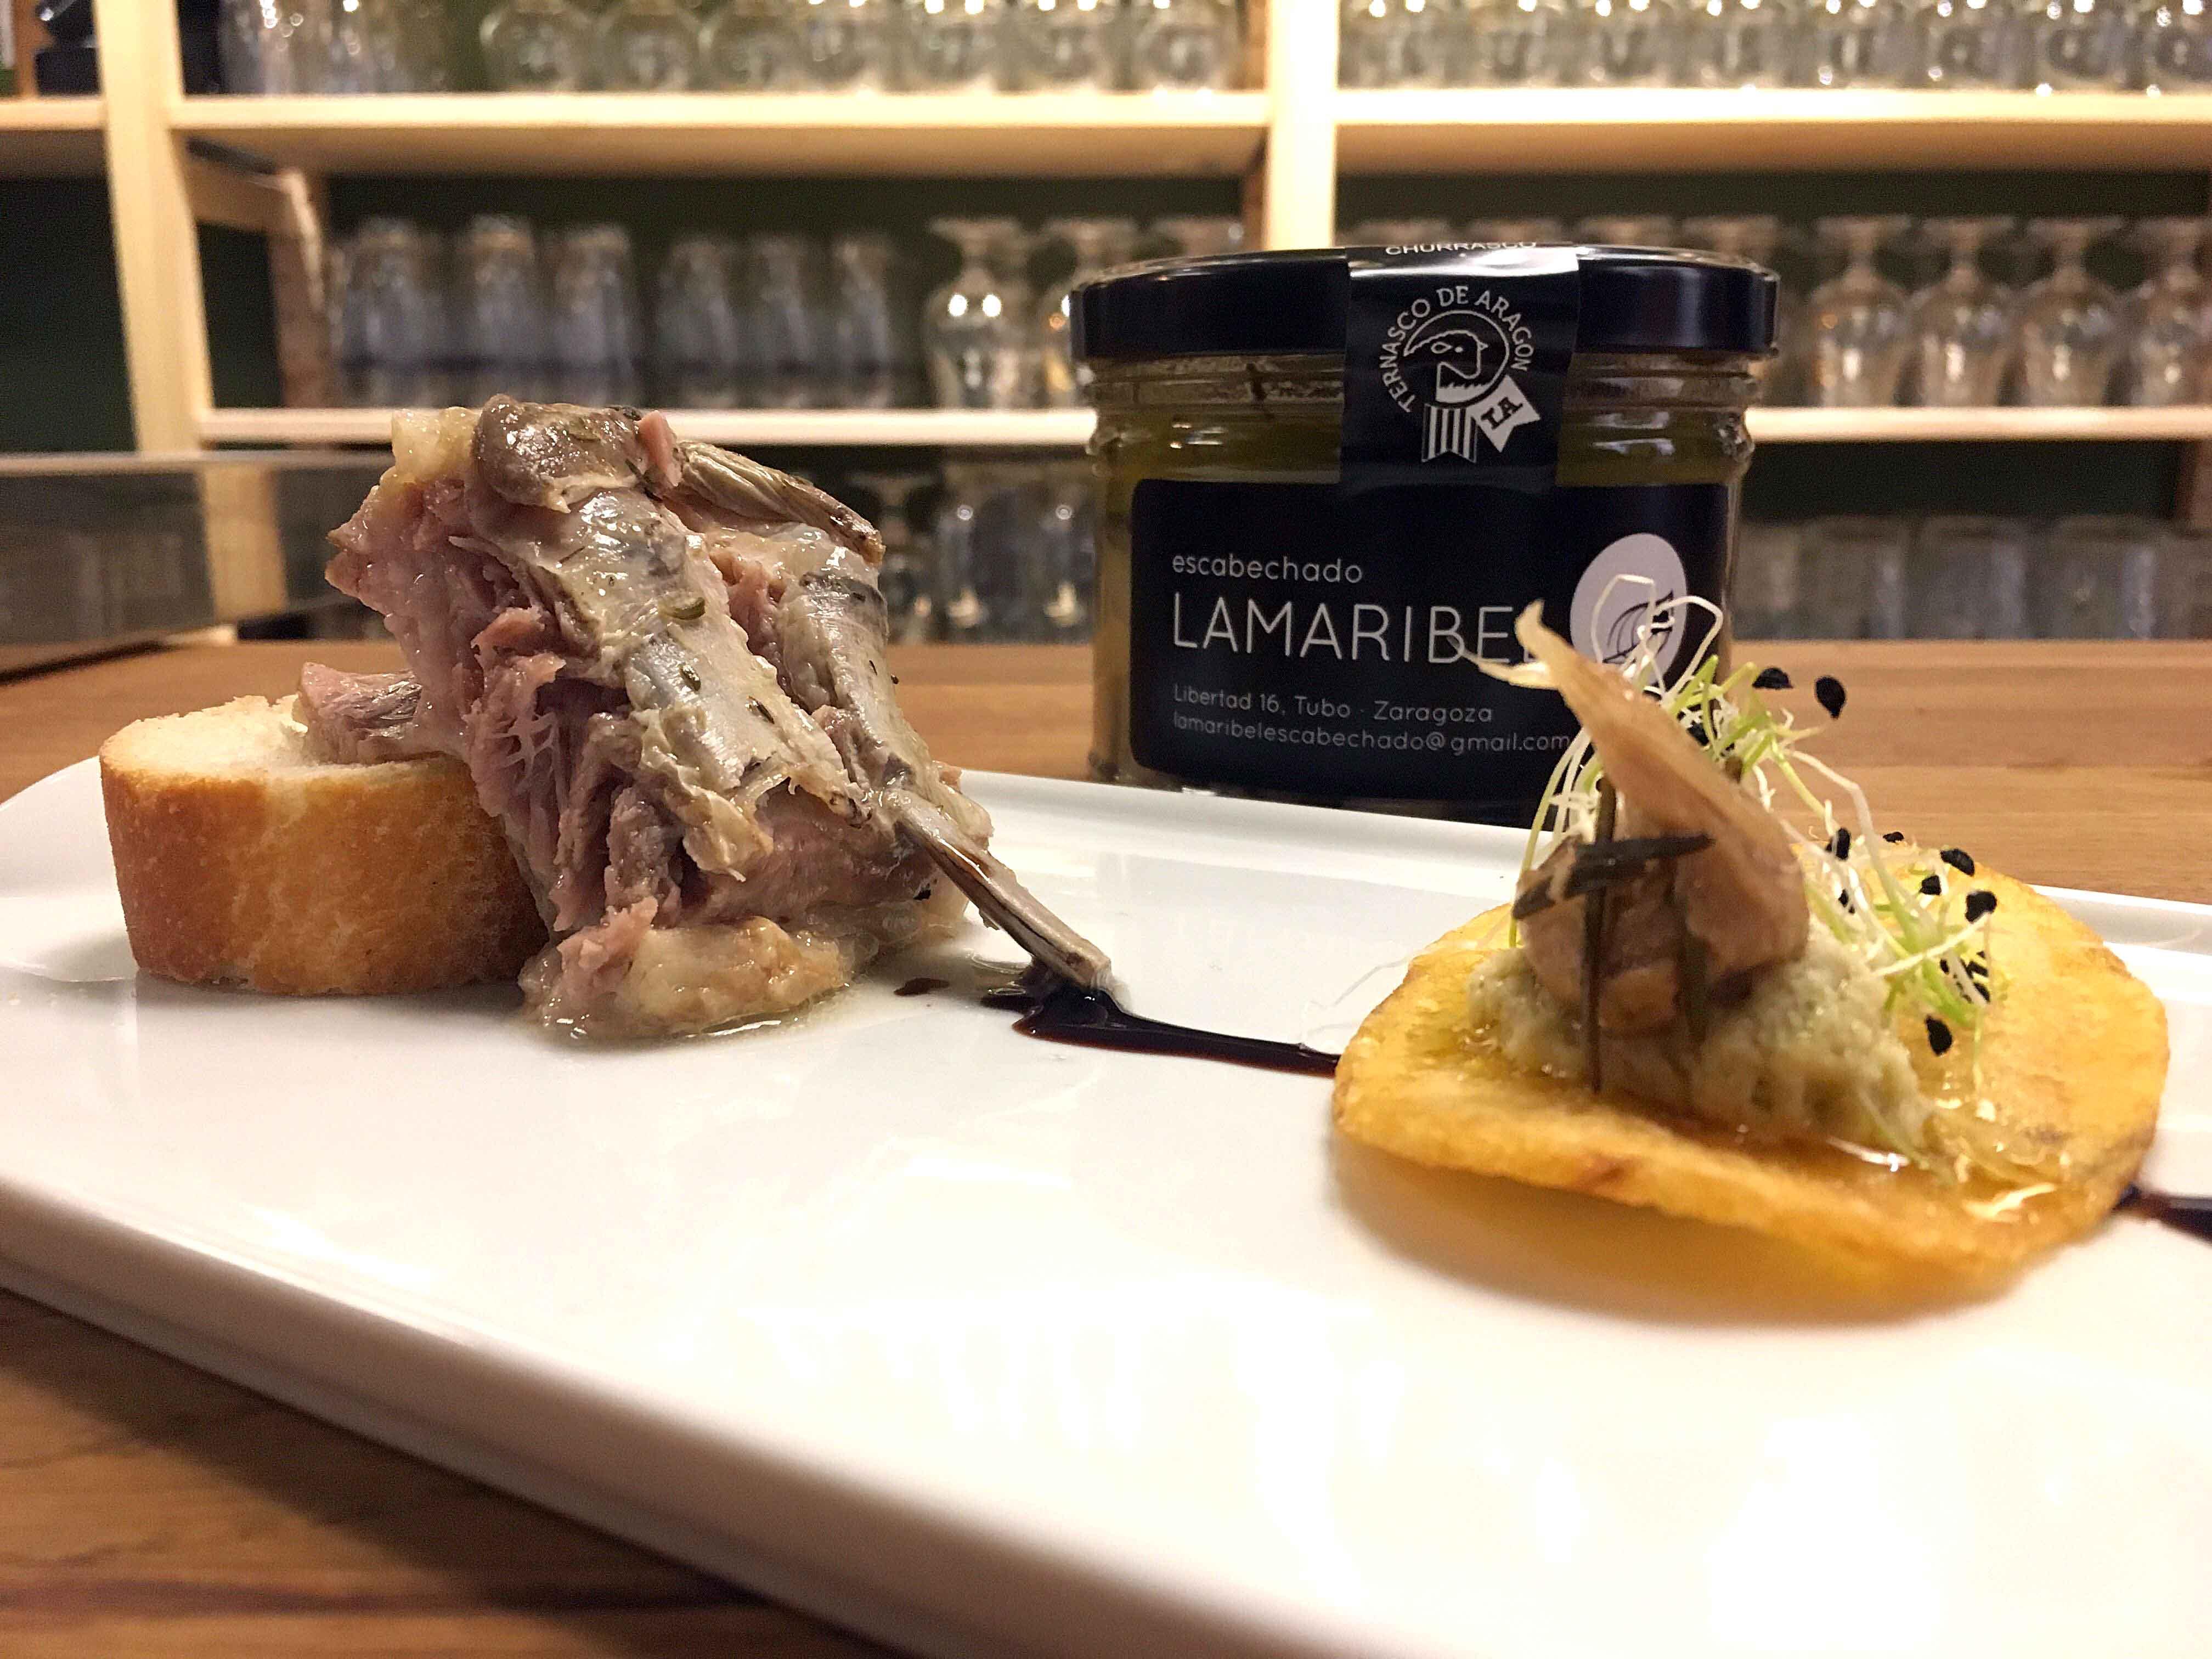 Lamaribel y Grupo Pastores presentan en Zaragoza el primer churrasco escabechado de ternasco de Aragón